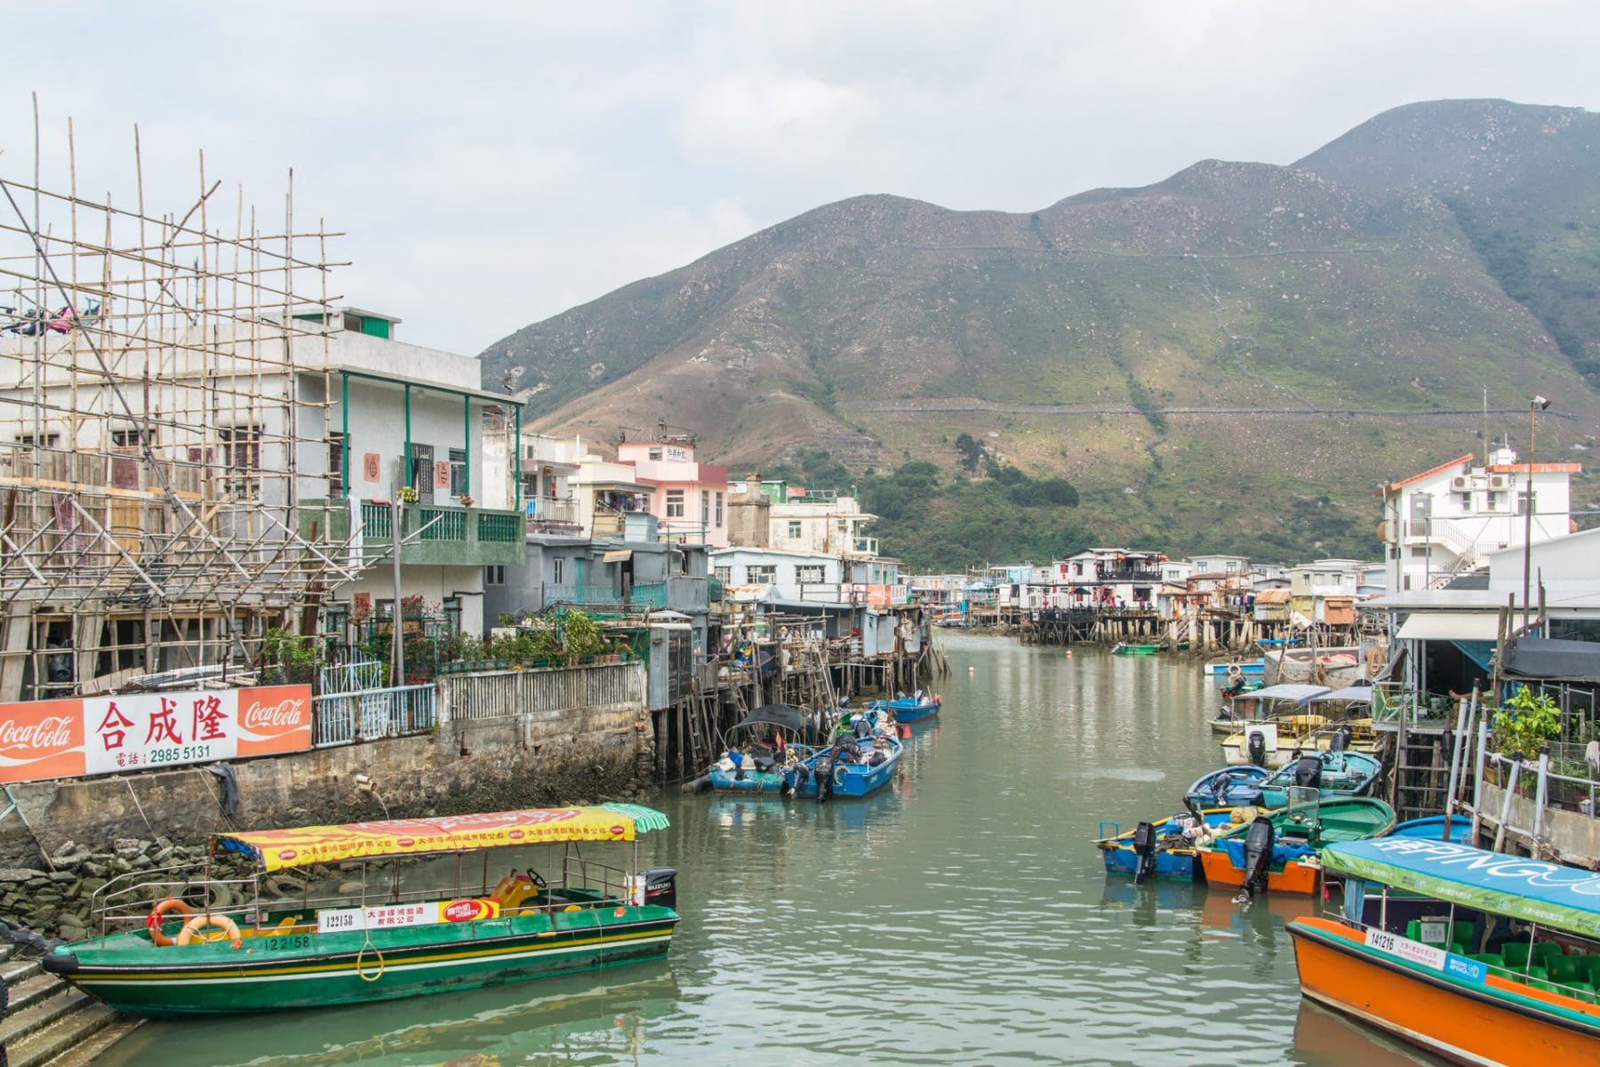 village de tai o - hong kong